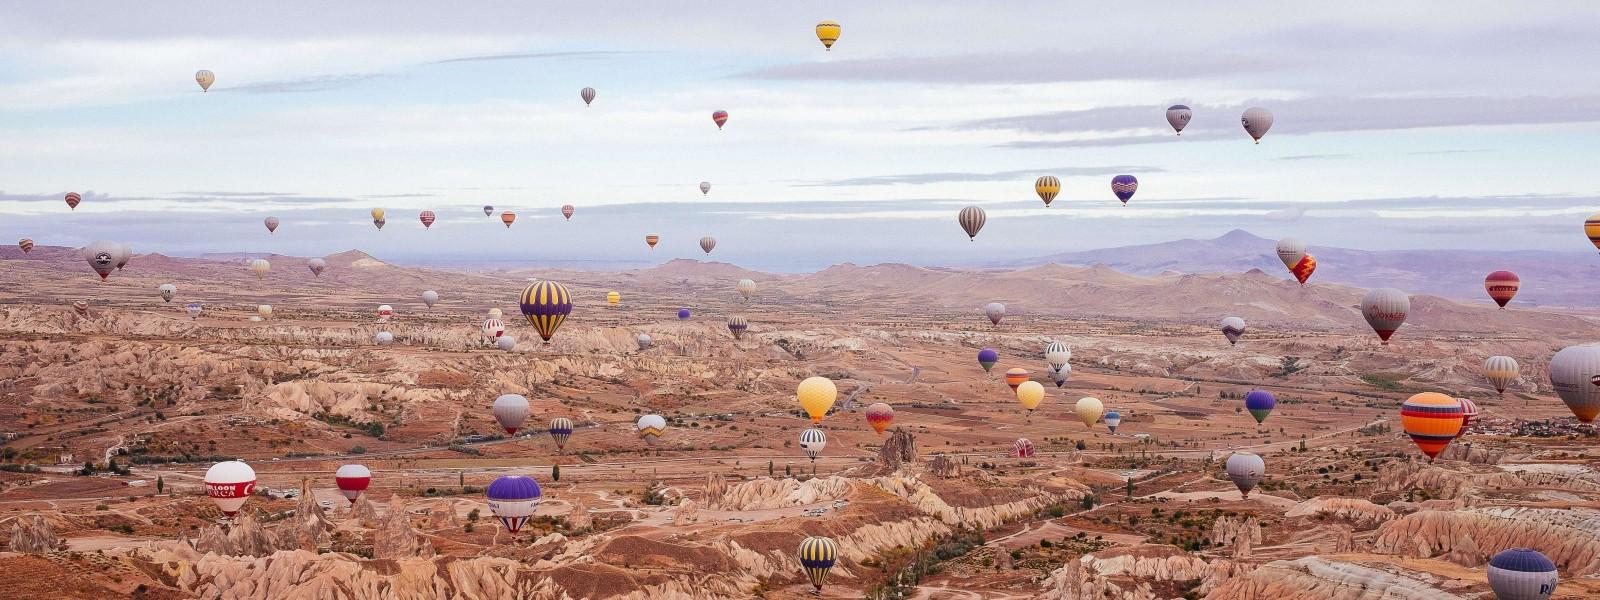 Cappadocia-Tour-Guide